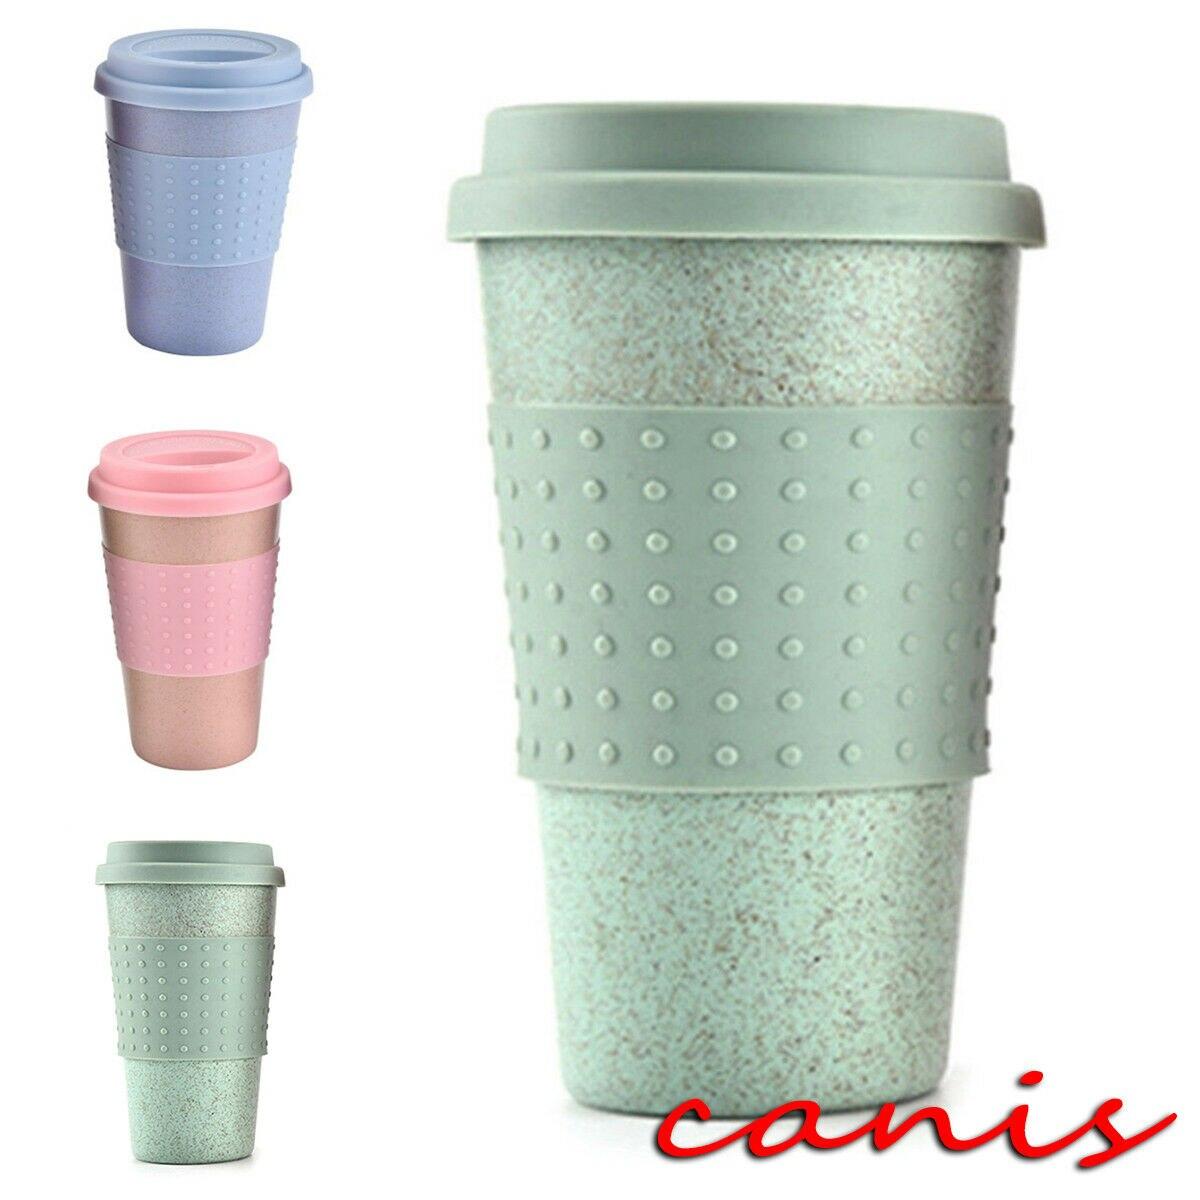 Горячая продажа многоразовые кофейные кружки из бамбукового волокна кофейные чашки 8 унций 12 унций 14 унций экологически чистые путешествия